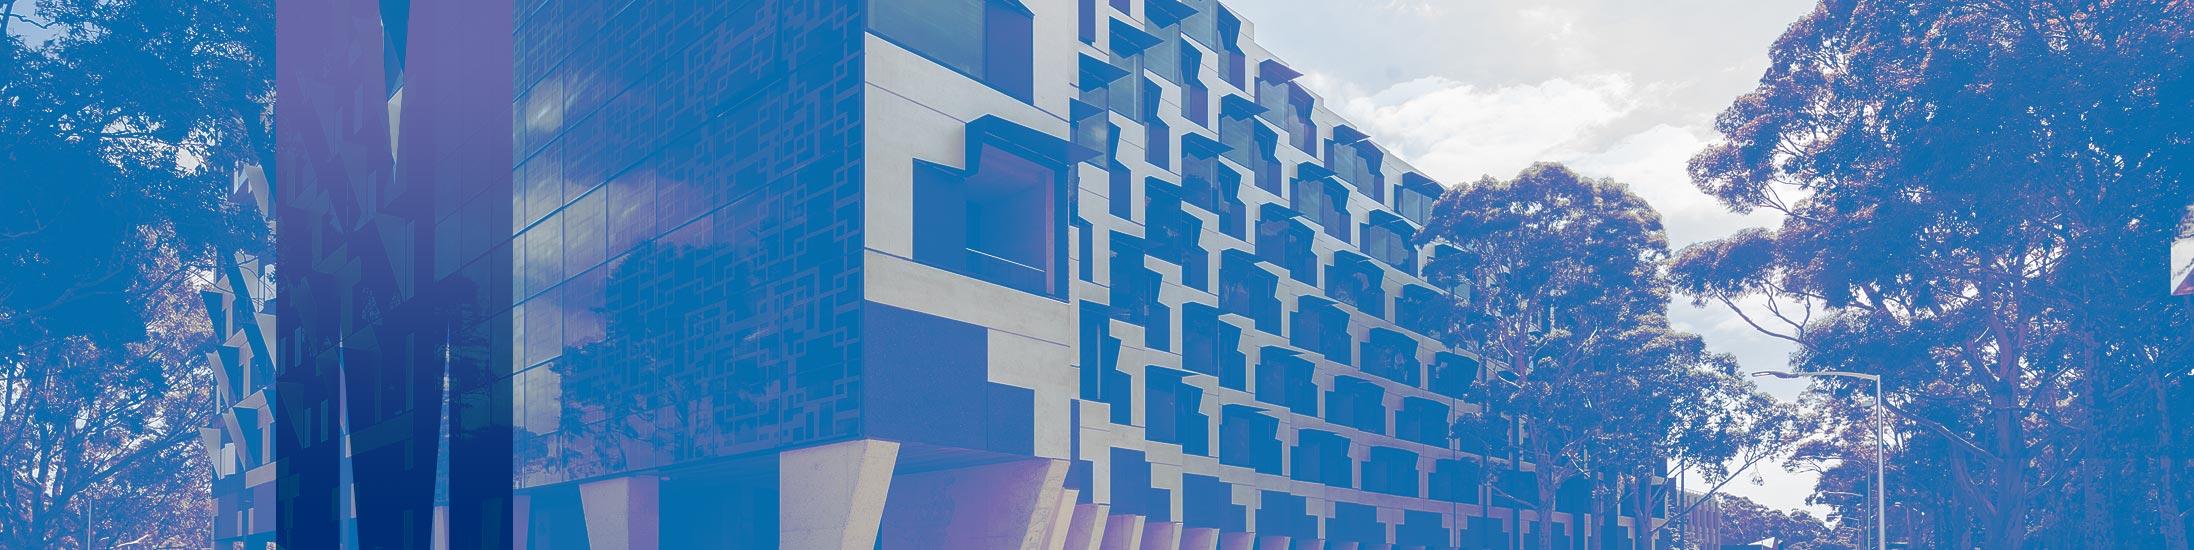 Urban design excellence